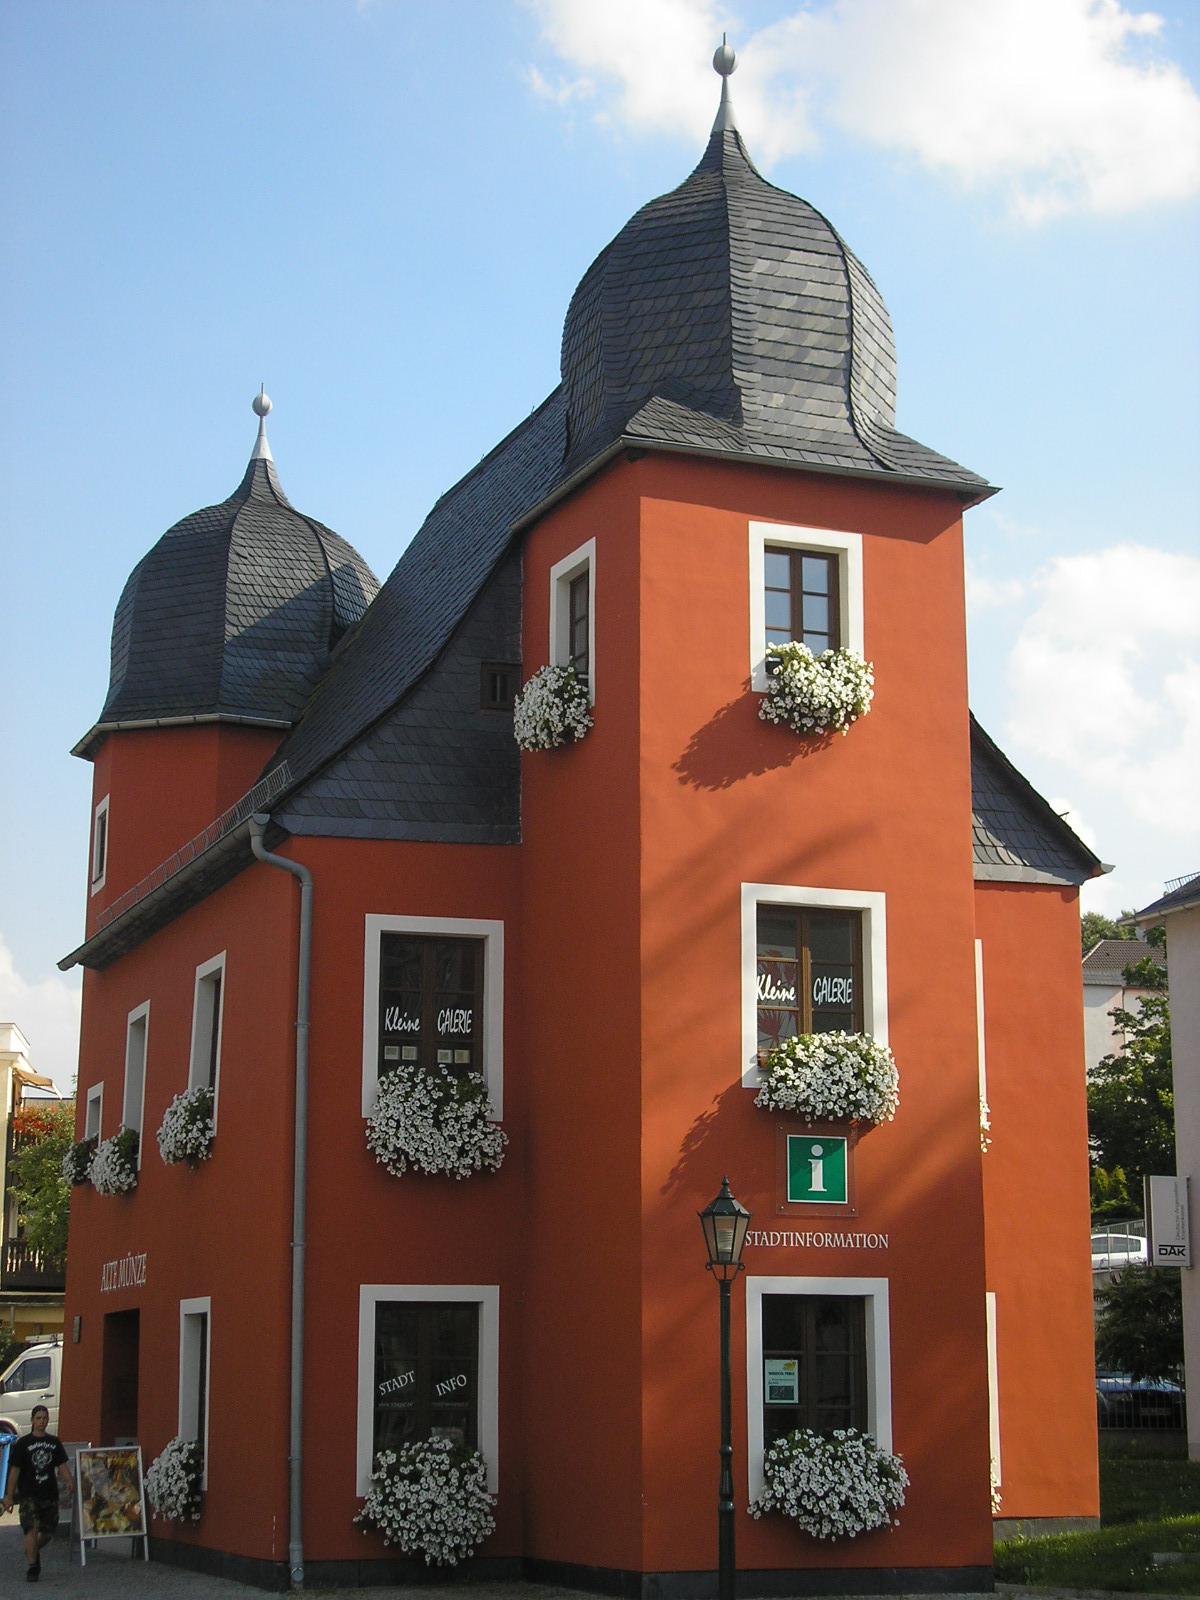 Münzprägeanstalt Wikipedia